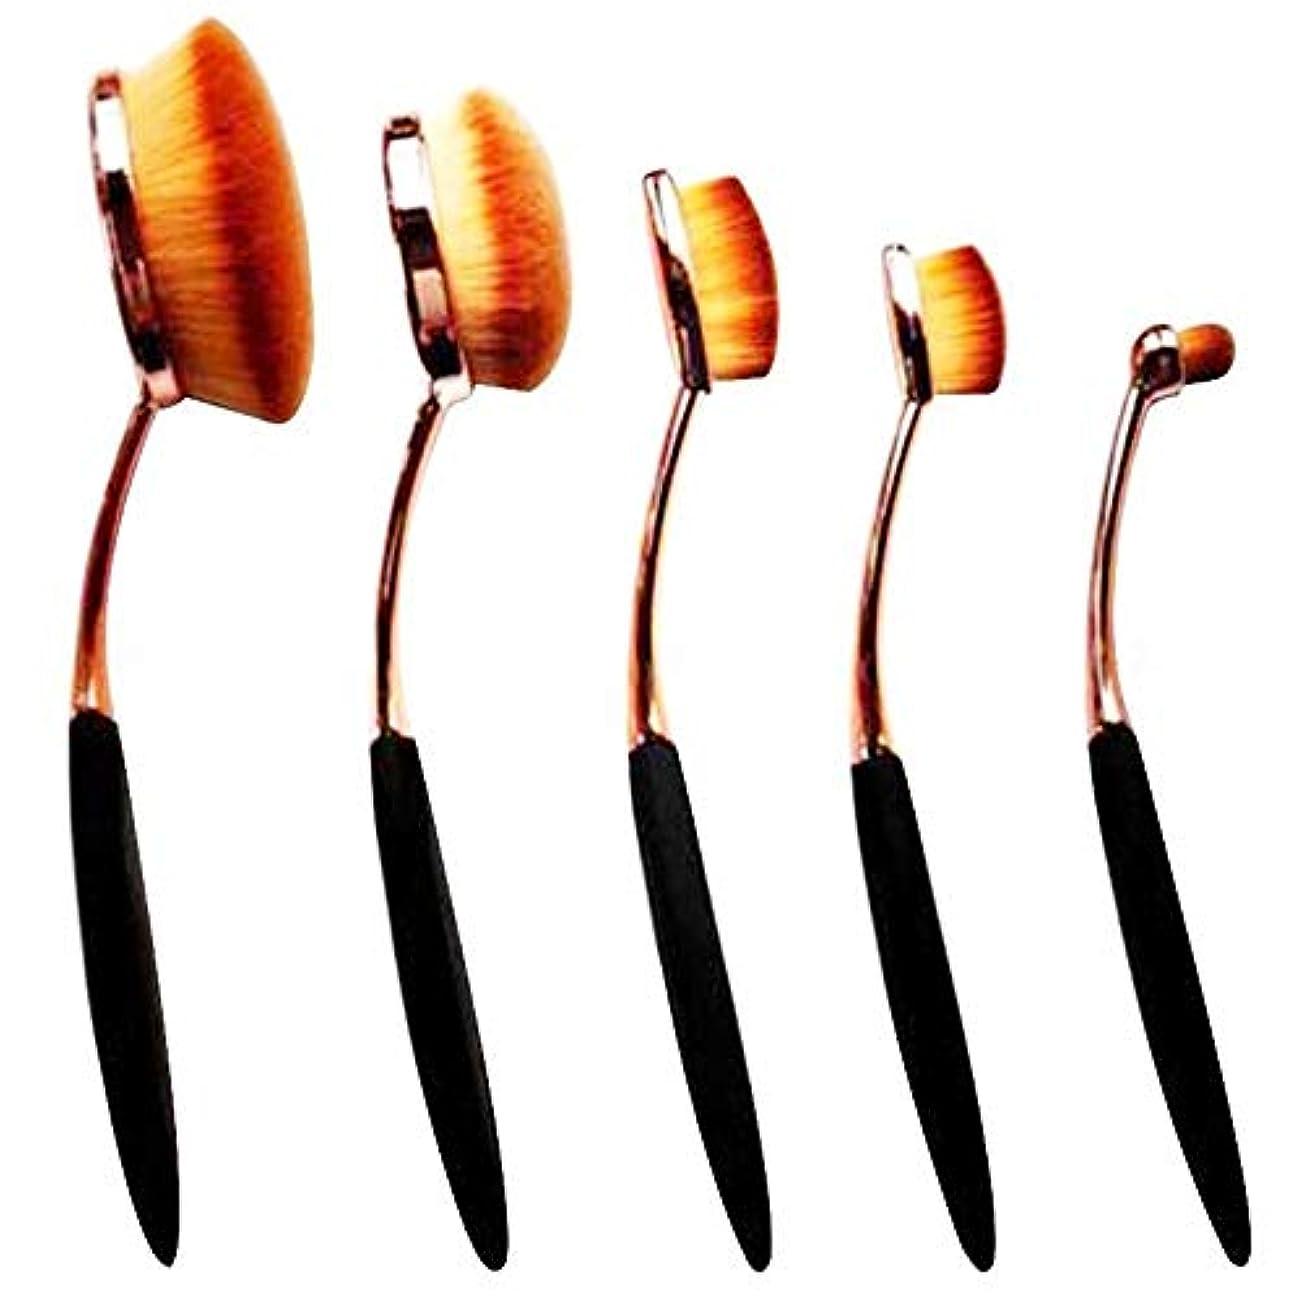 オーストラリアいつでもウェイトレス5個 専用 化粧ブラシ 歯ブラシ型 高級繊維毛 ファンデーションブラシ メイクブラシ メイクアップブラシ コスメ 化粧 ファンデーションブラシ